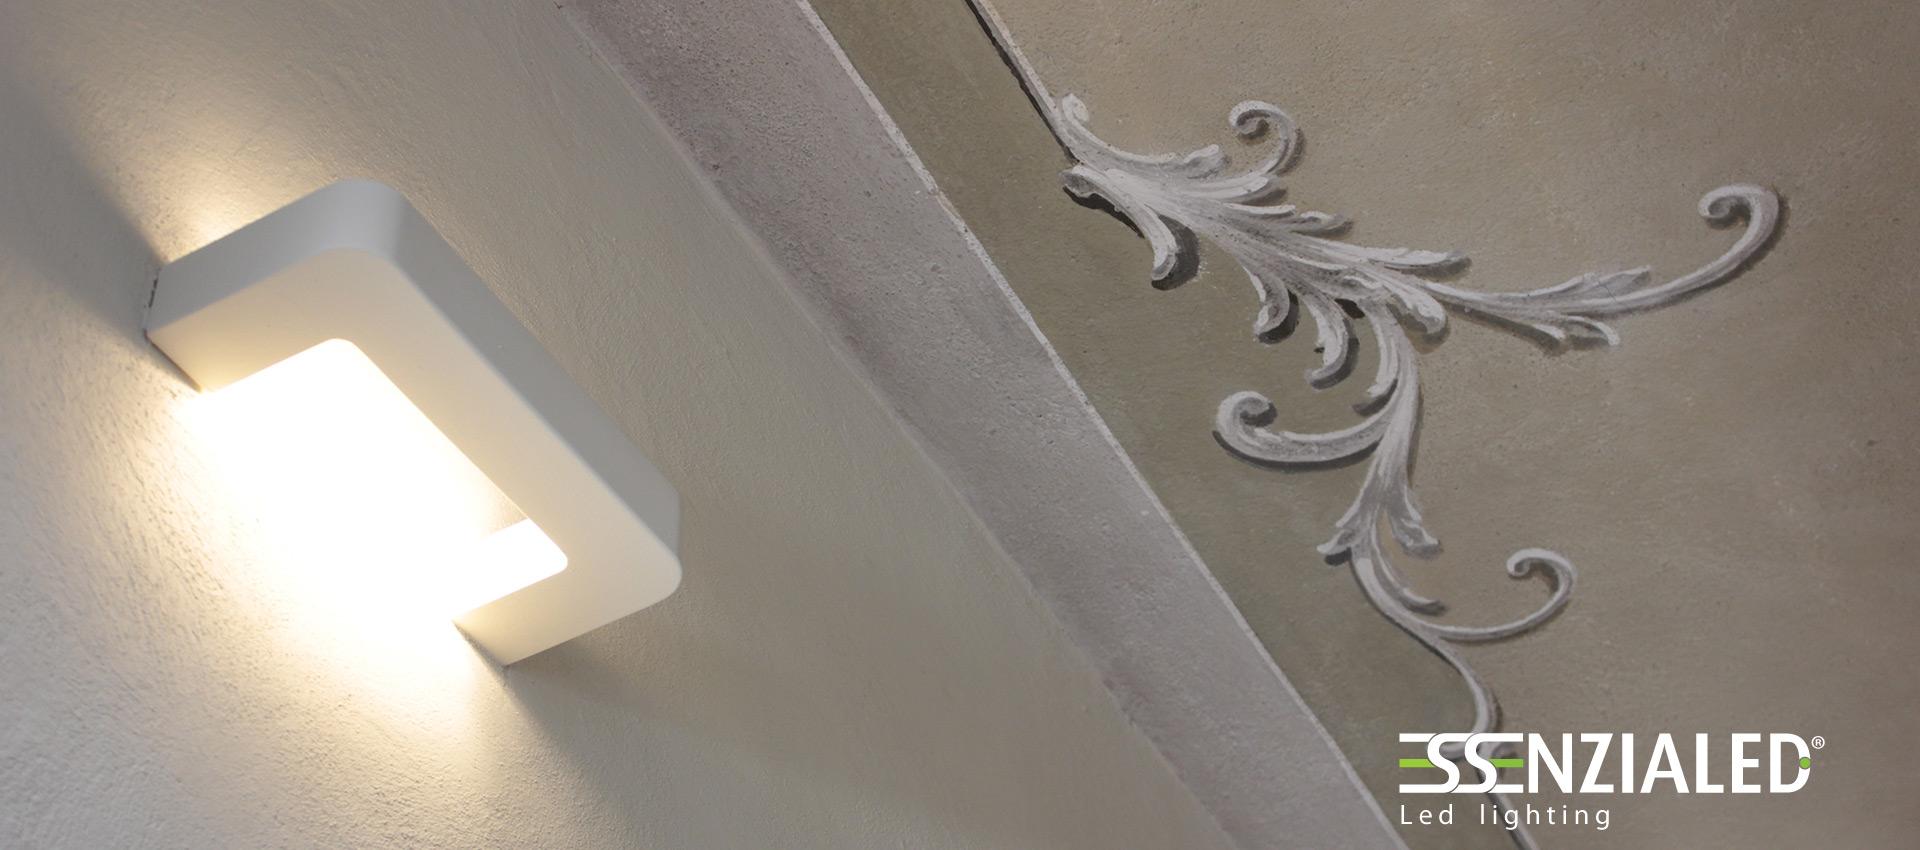 Applique in gesso a led deck essenzialed made in - Applique in gesso da parete ...